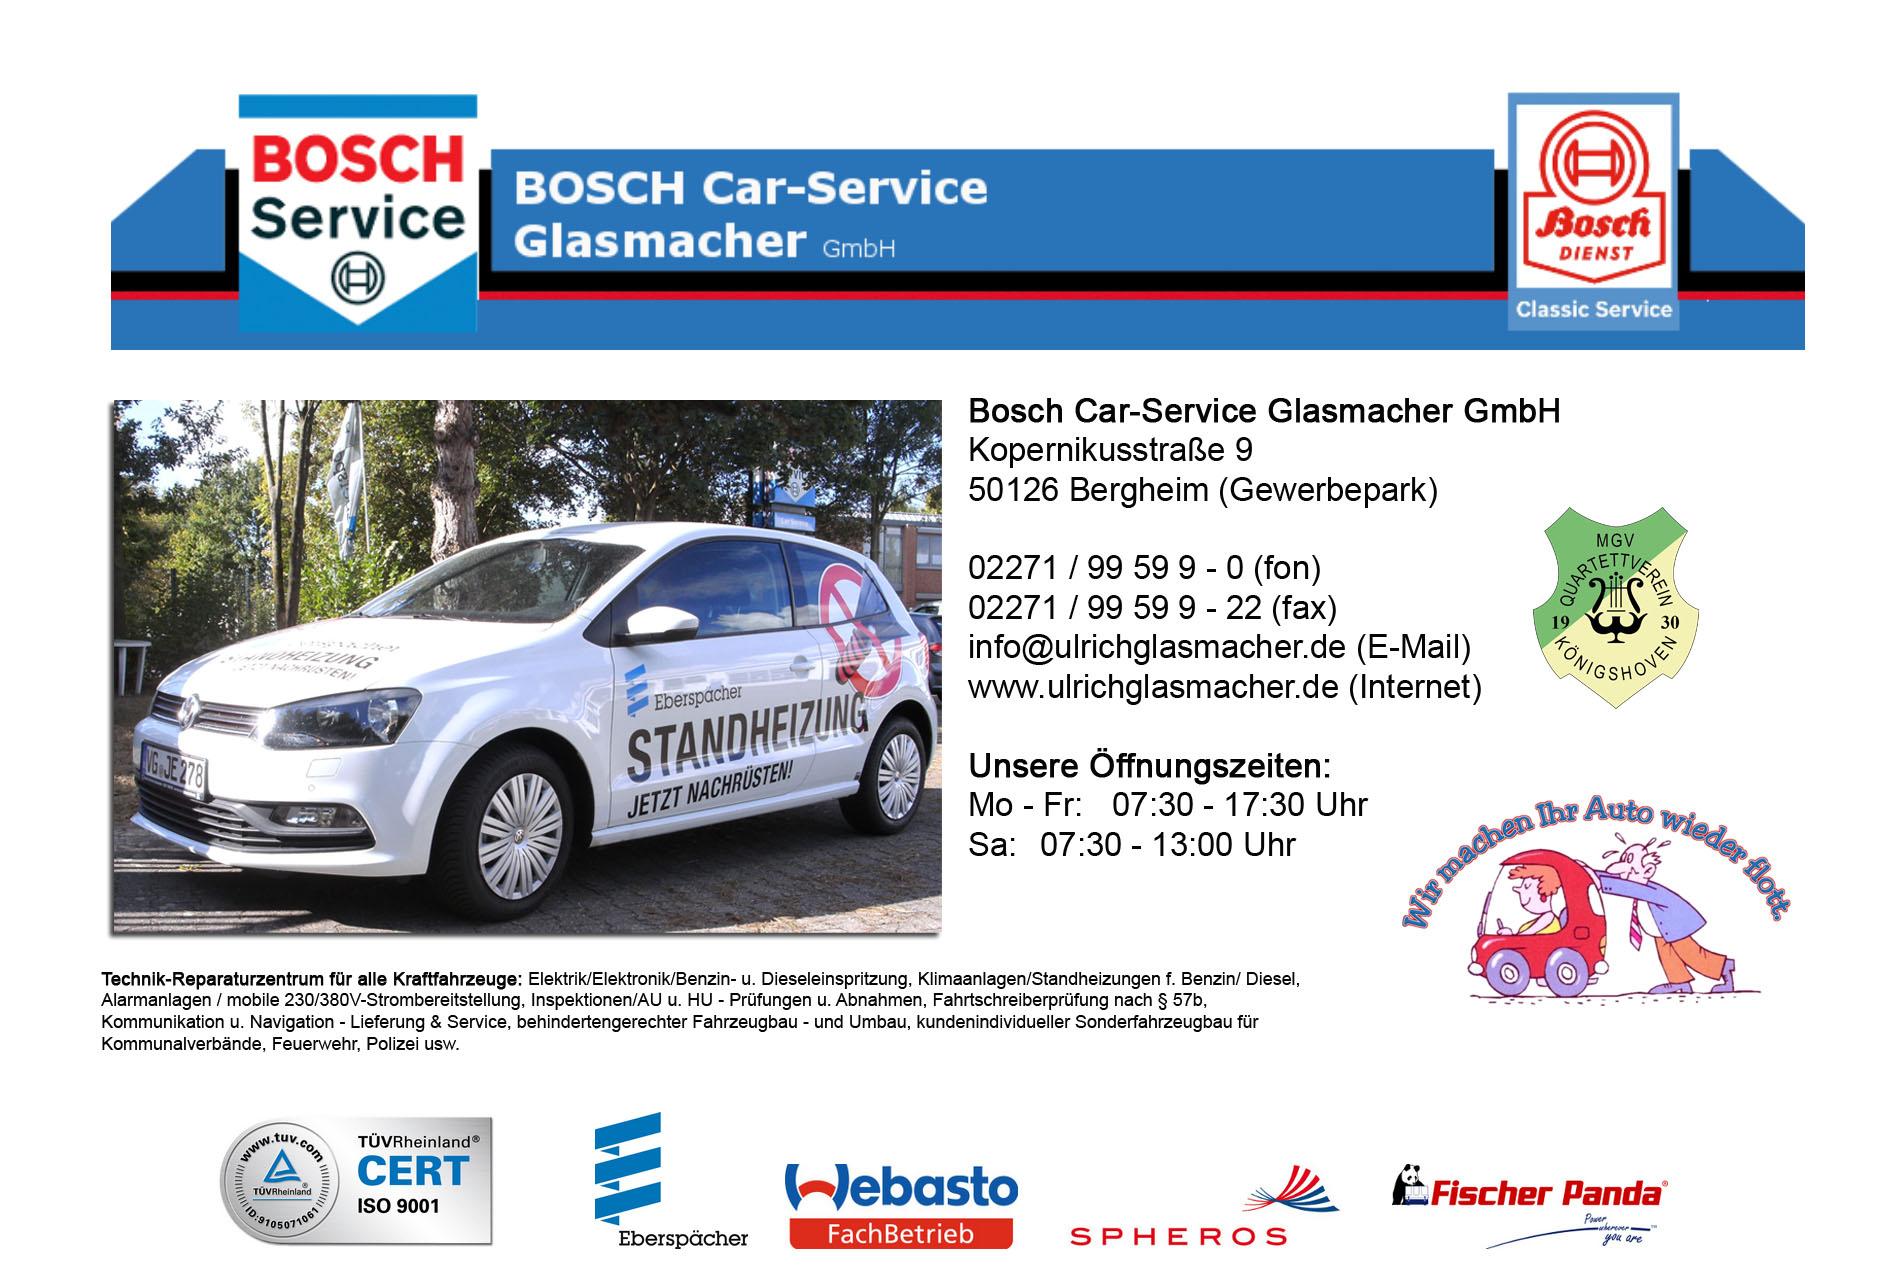 Bosch Car-Service GmbH Ulrich Glasmacher, Bergheim (Gewerbepark Paffendorf)